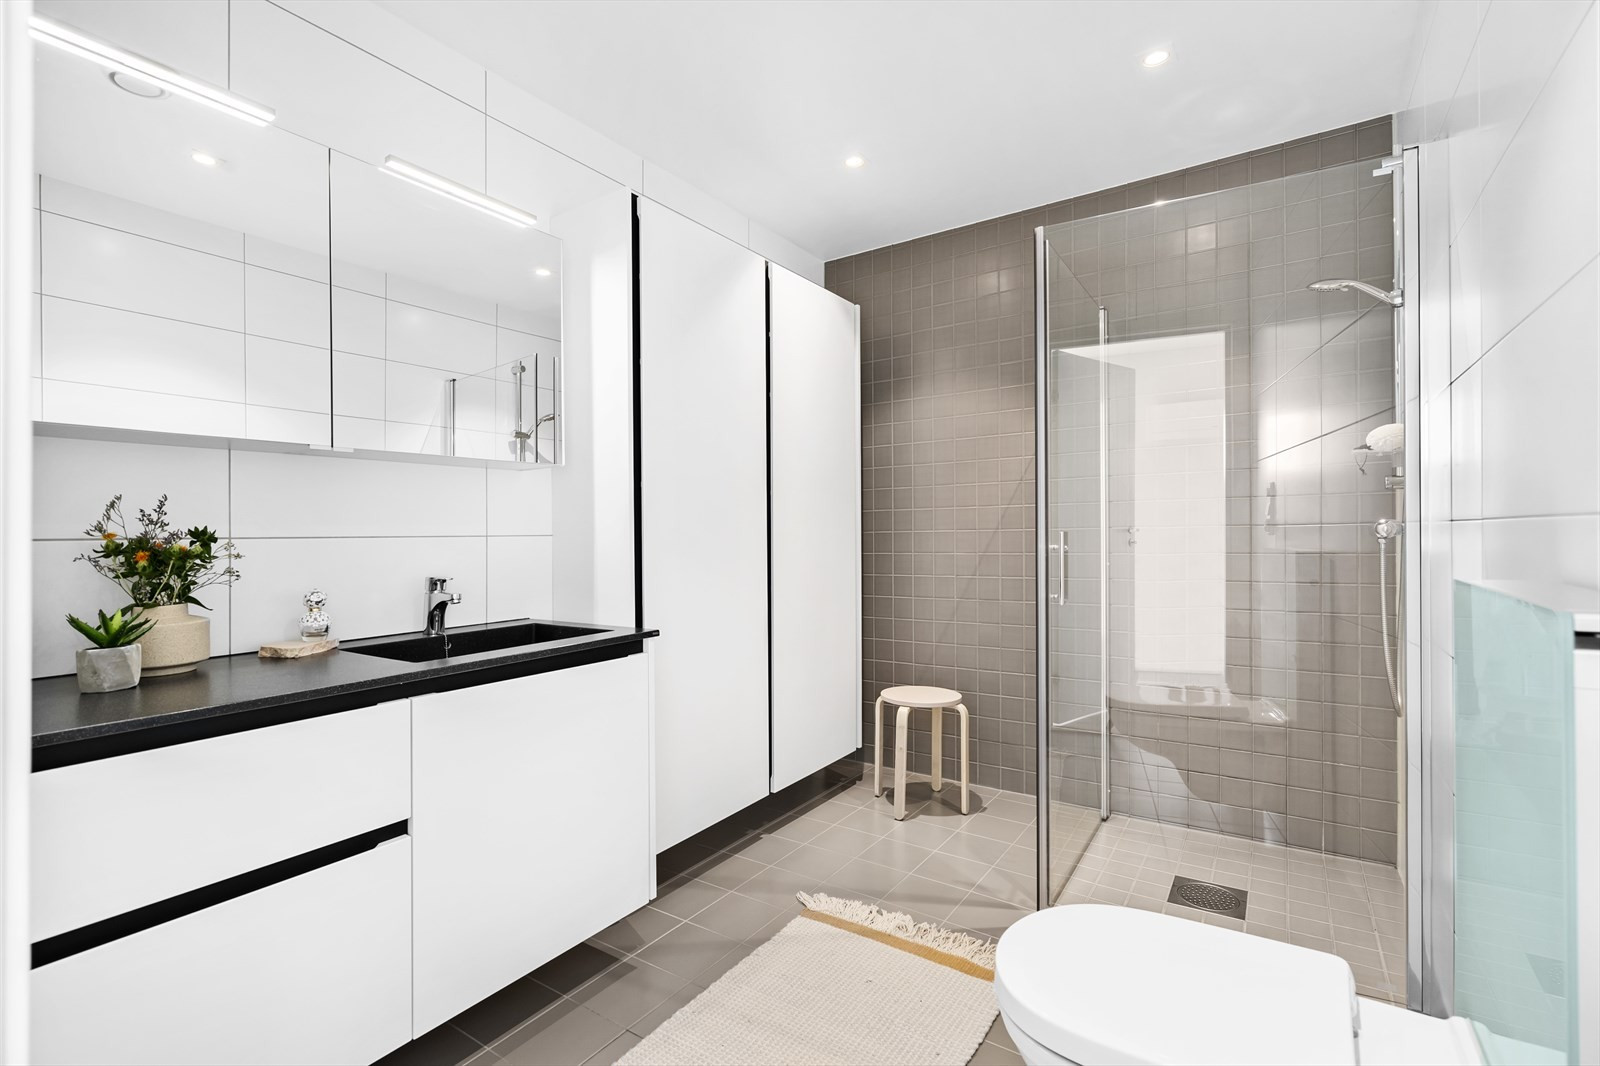 Boligen har 2 meget tiltalende bad med høy kvalitet fordelt på plan 1 og 2.